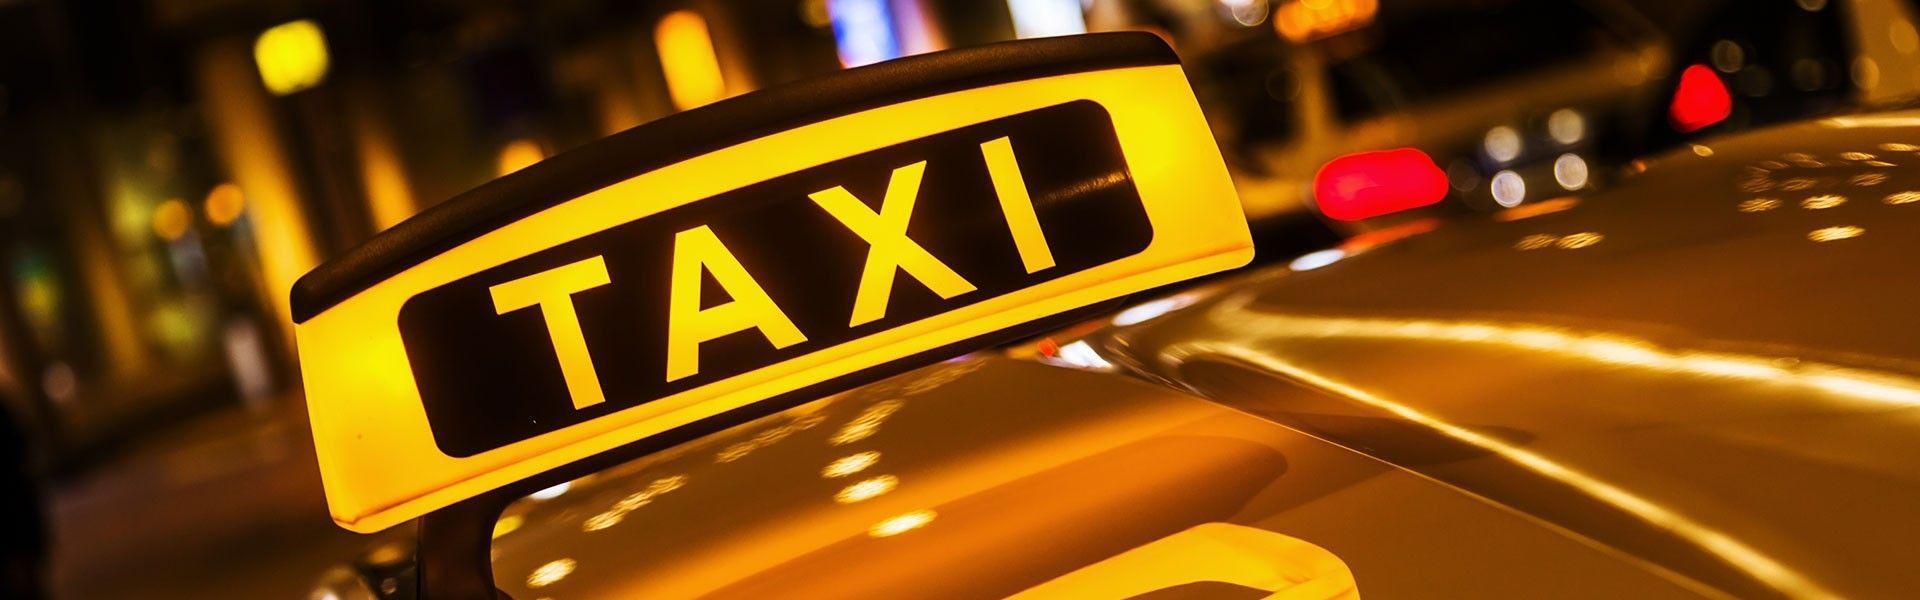 نرم افزار مدیریت و حسابداری تاکسی تلفنی و پیک موتوری نوین